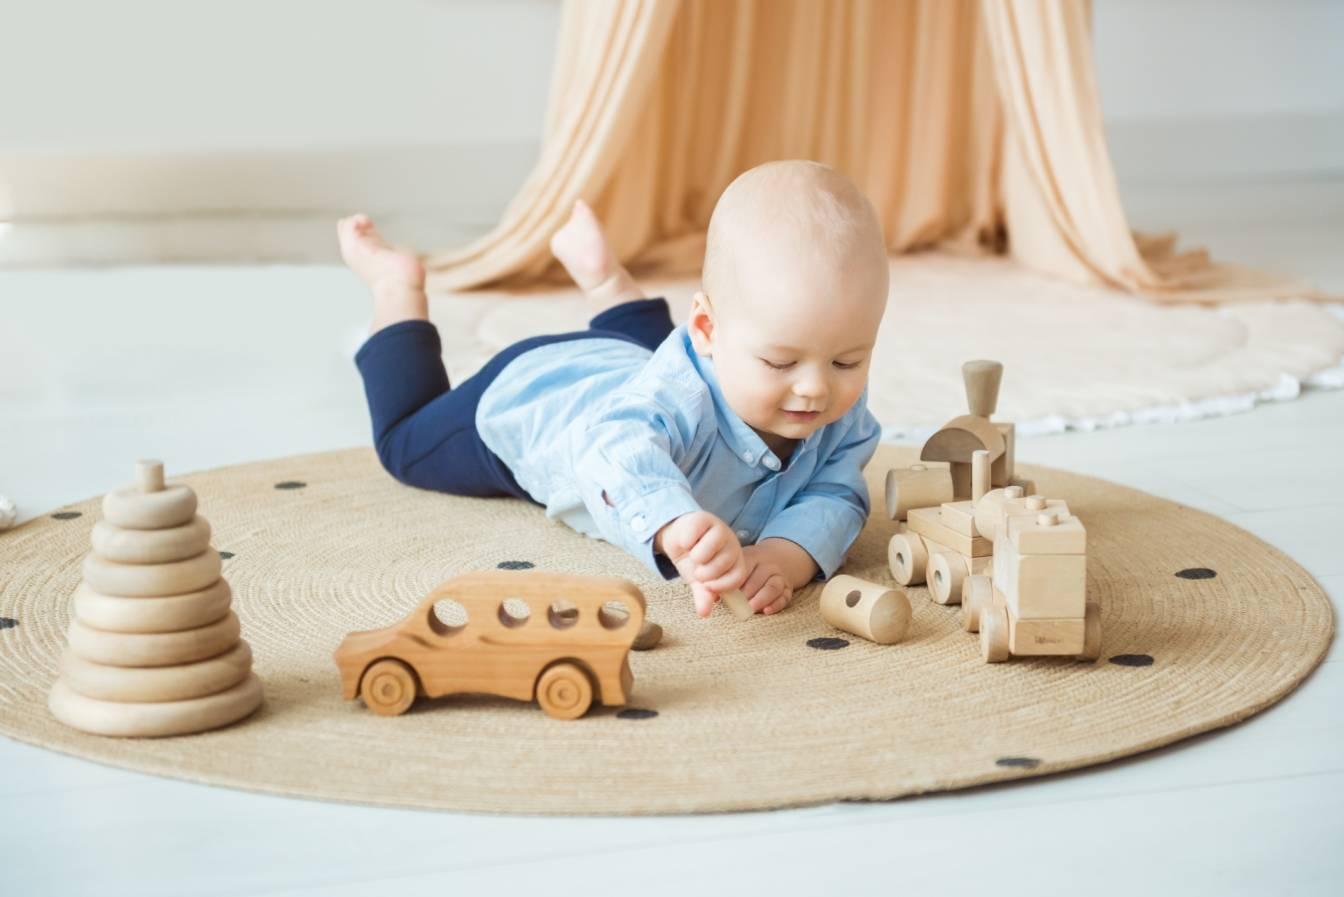 Ekorodzicielstwo - jakie ekologiczne zabawki dla dzieci wybrać? Niemowlę bawi się drewnianymi zabawkami w swoim pokoju dziecięcym.